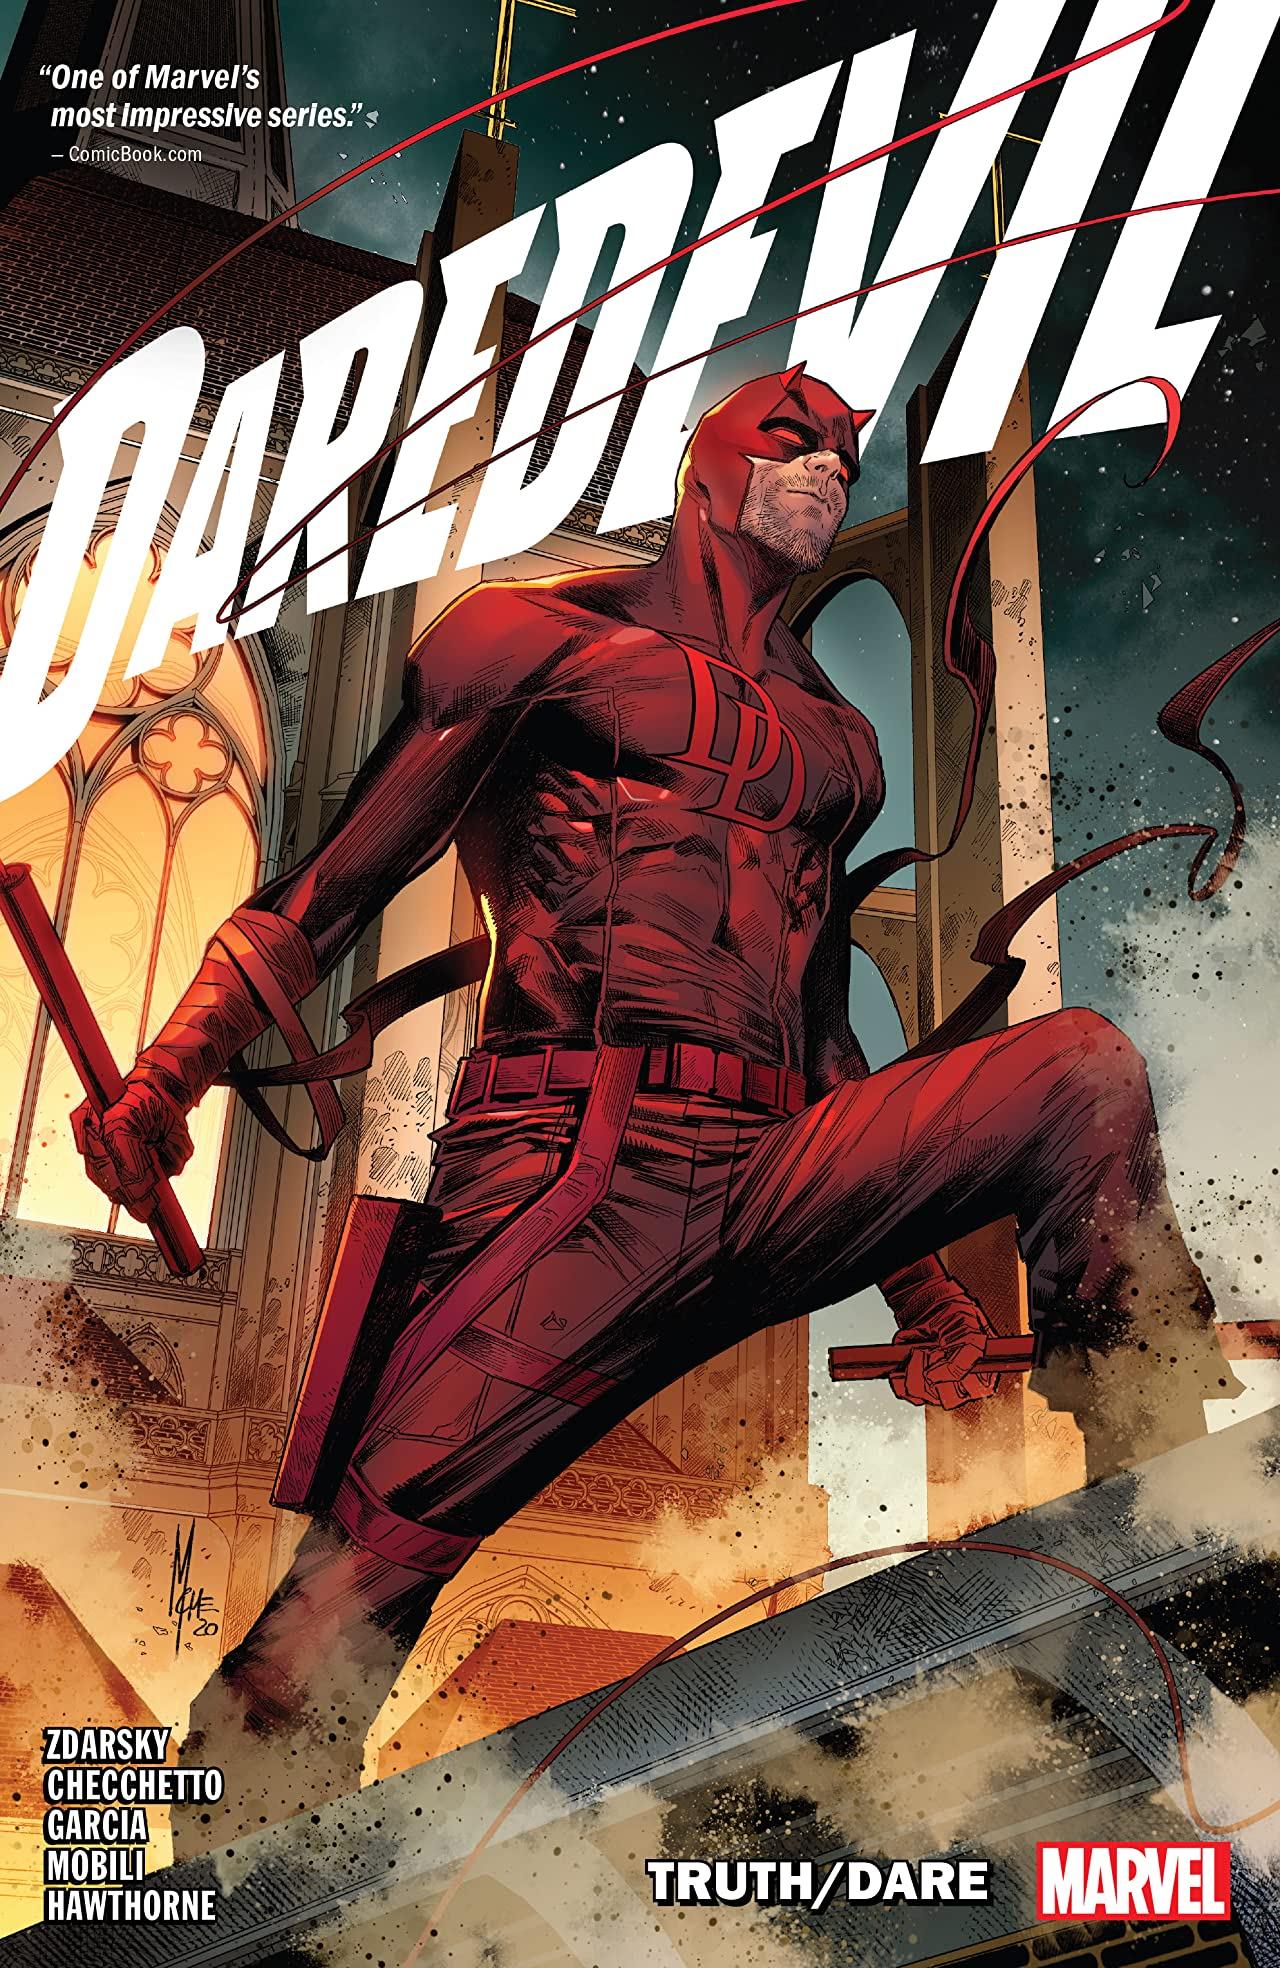 Daredevil by Chip Zdarsky Vol. 5: Truth/Dare (Trade Paperback)